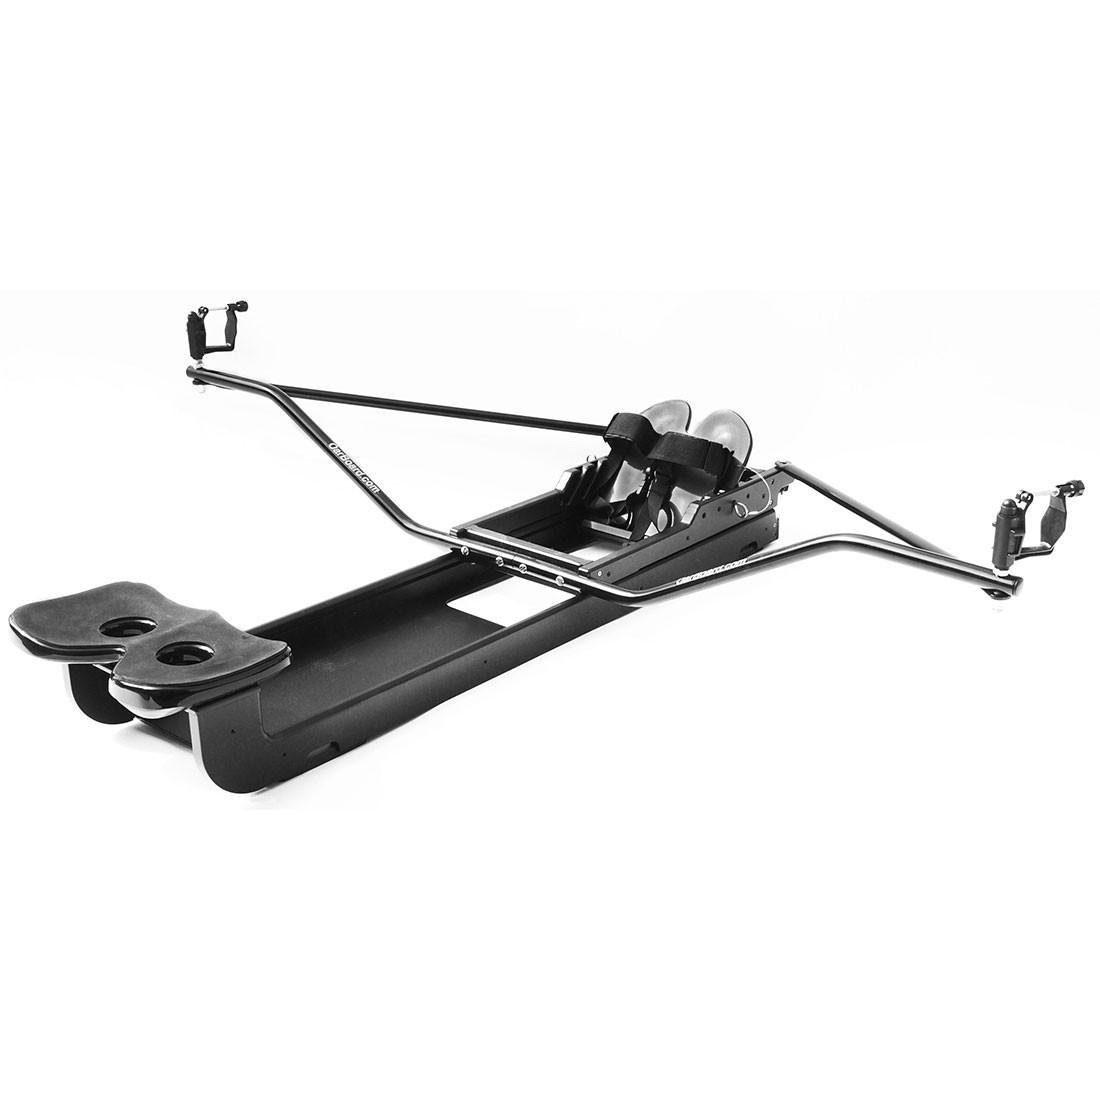 Oar Board Fit-On-Top Rower